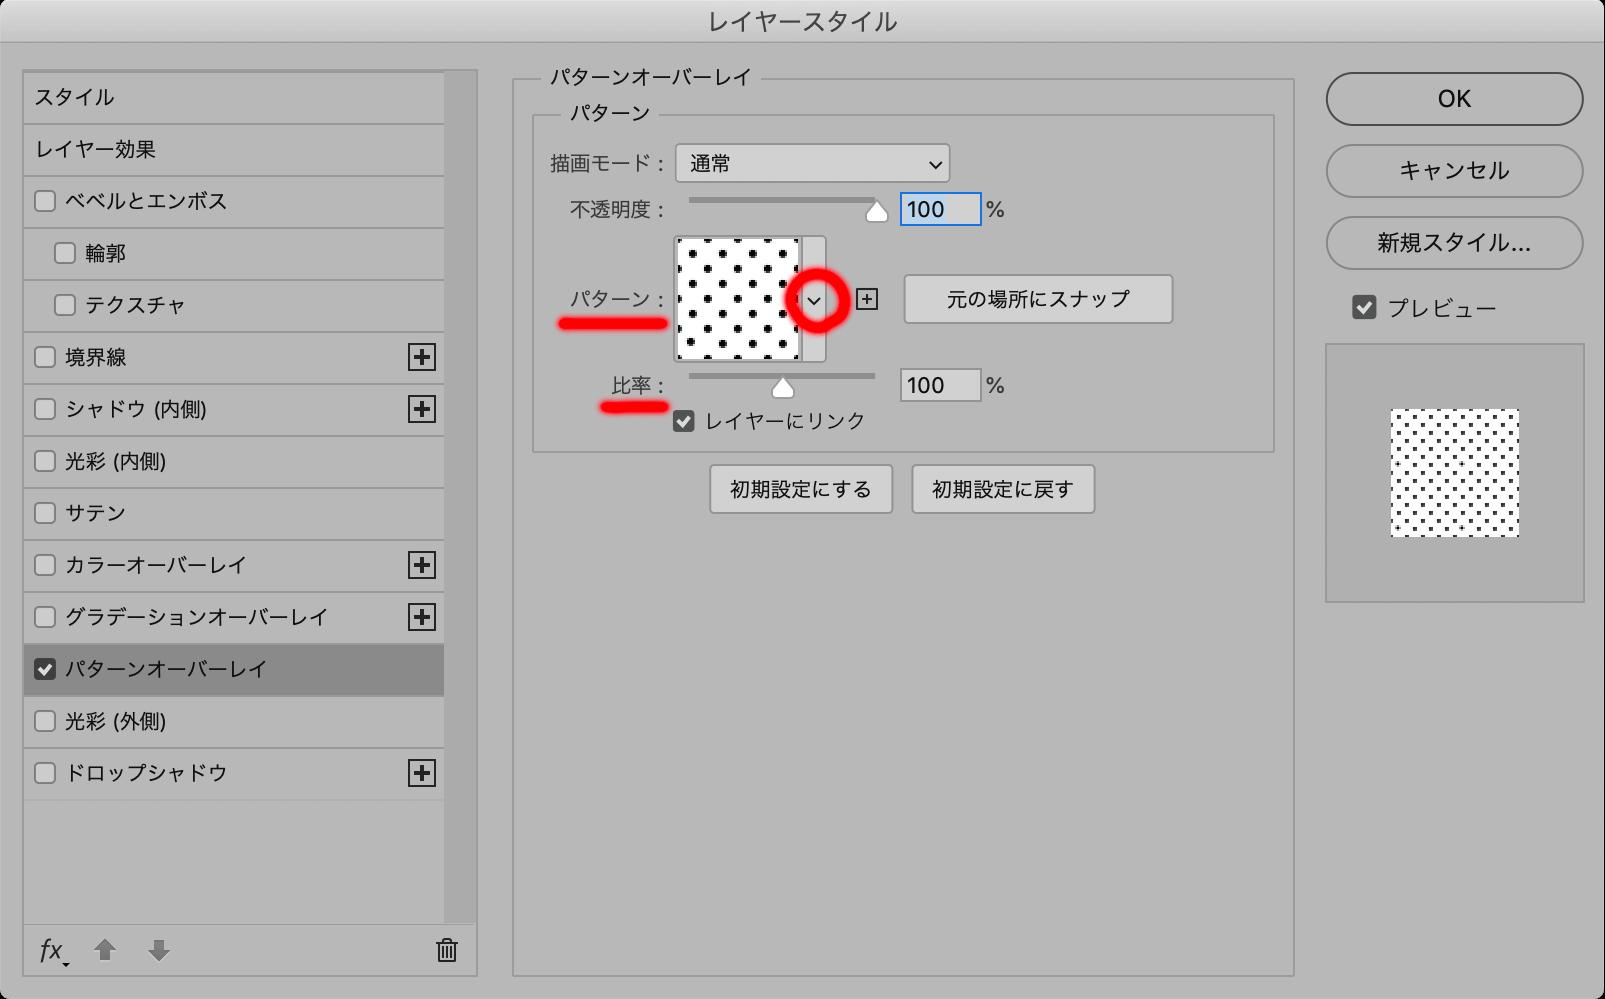 Photoshop レイヤースタイル パターンと比率